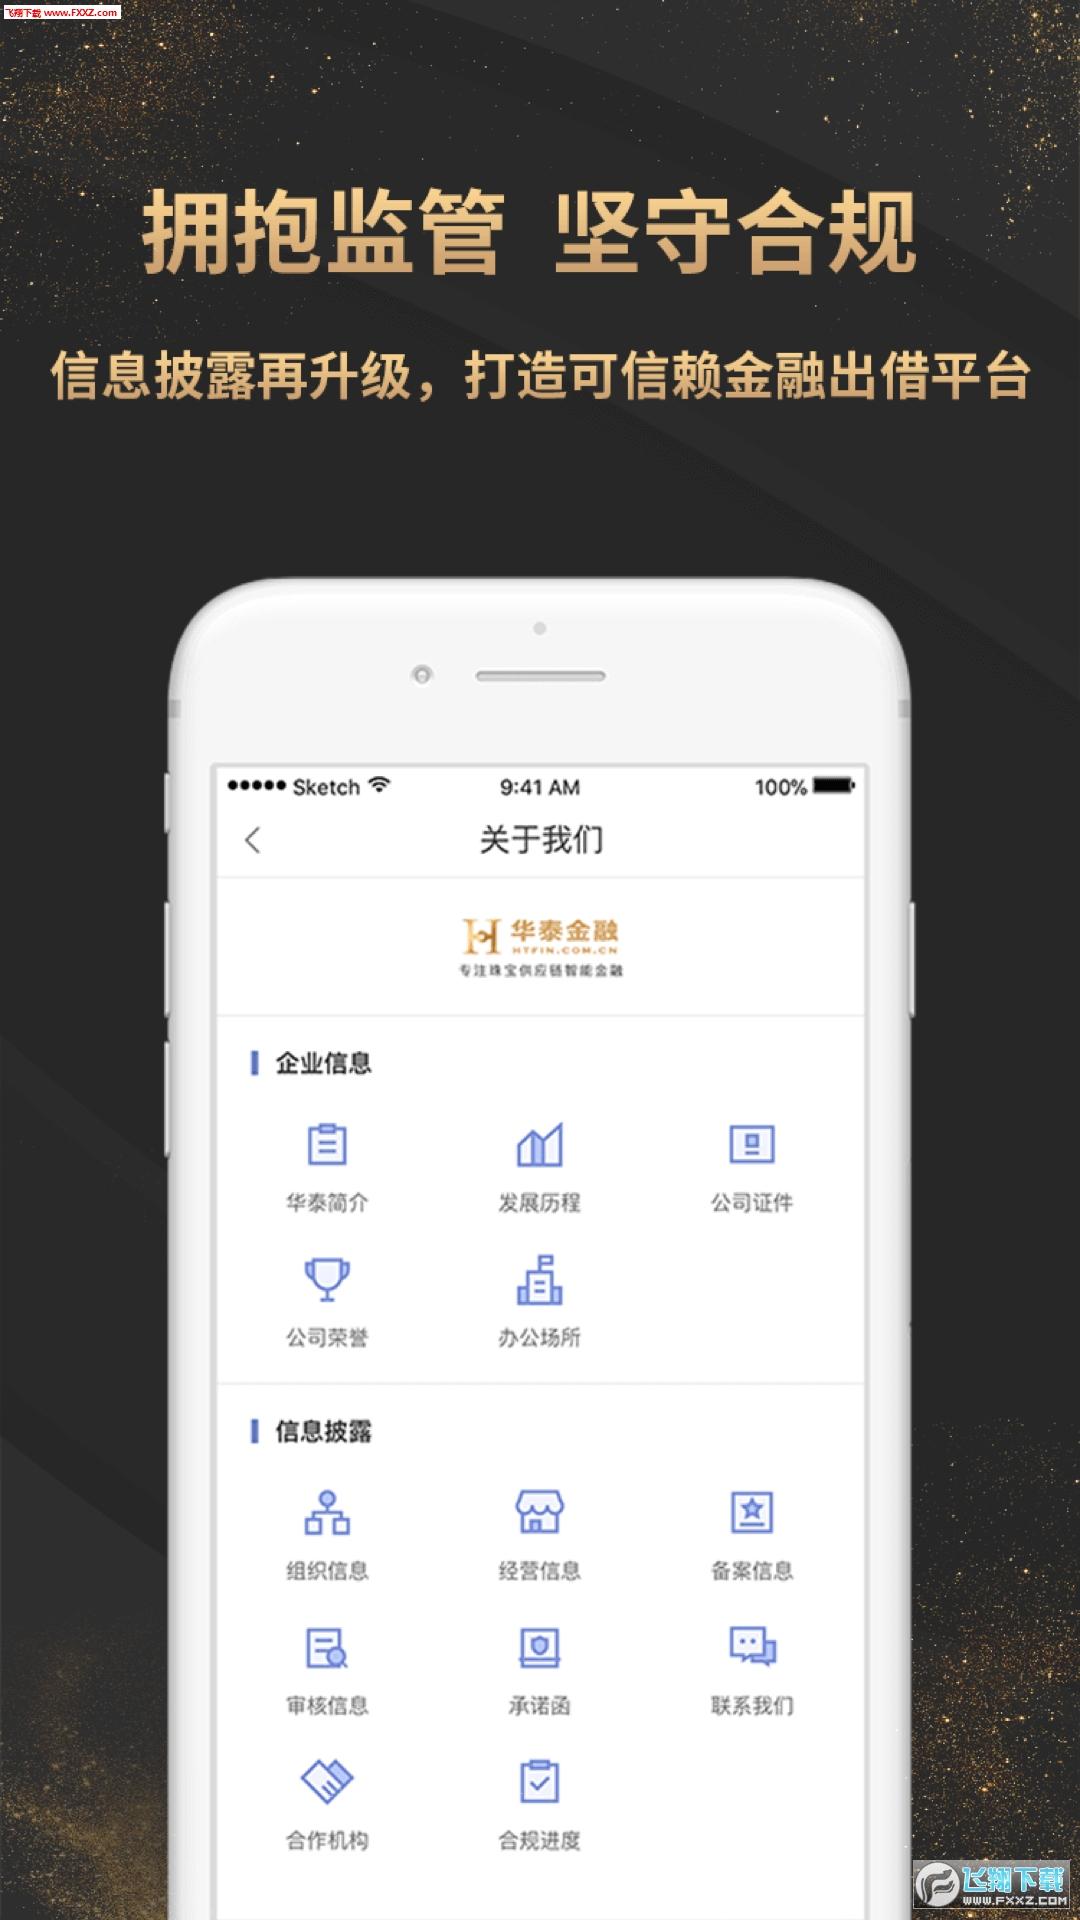 华泰金融appv1.7.0截图3